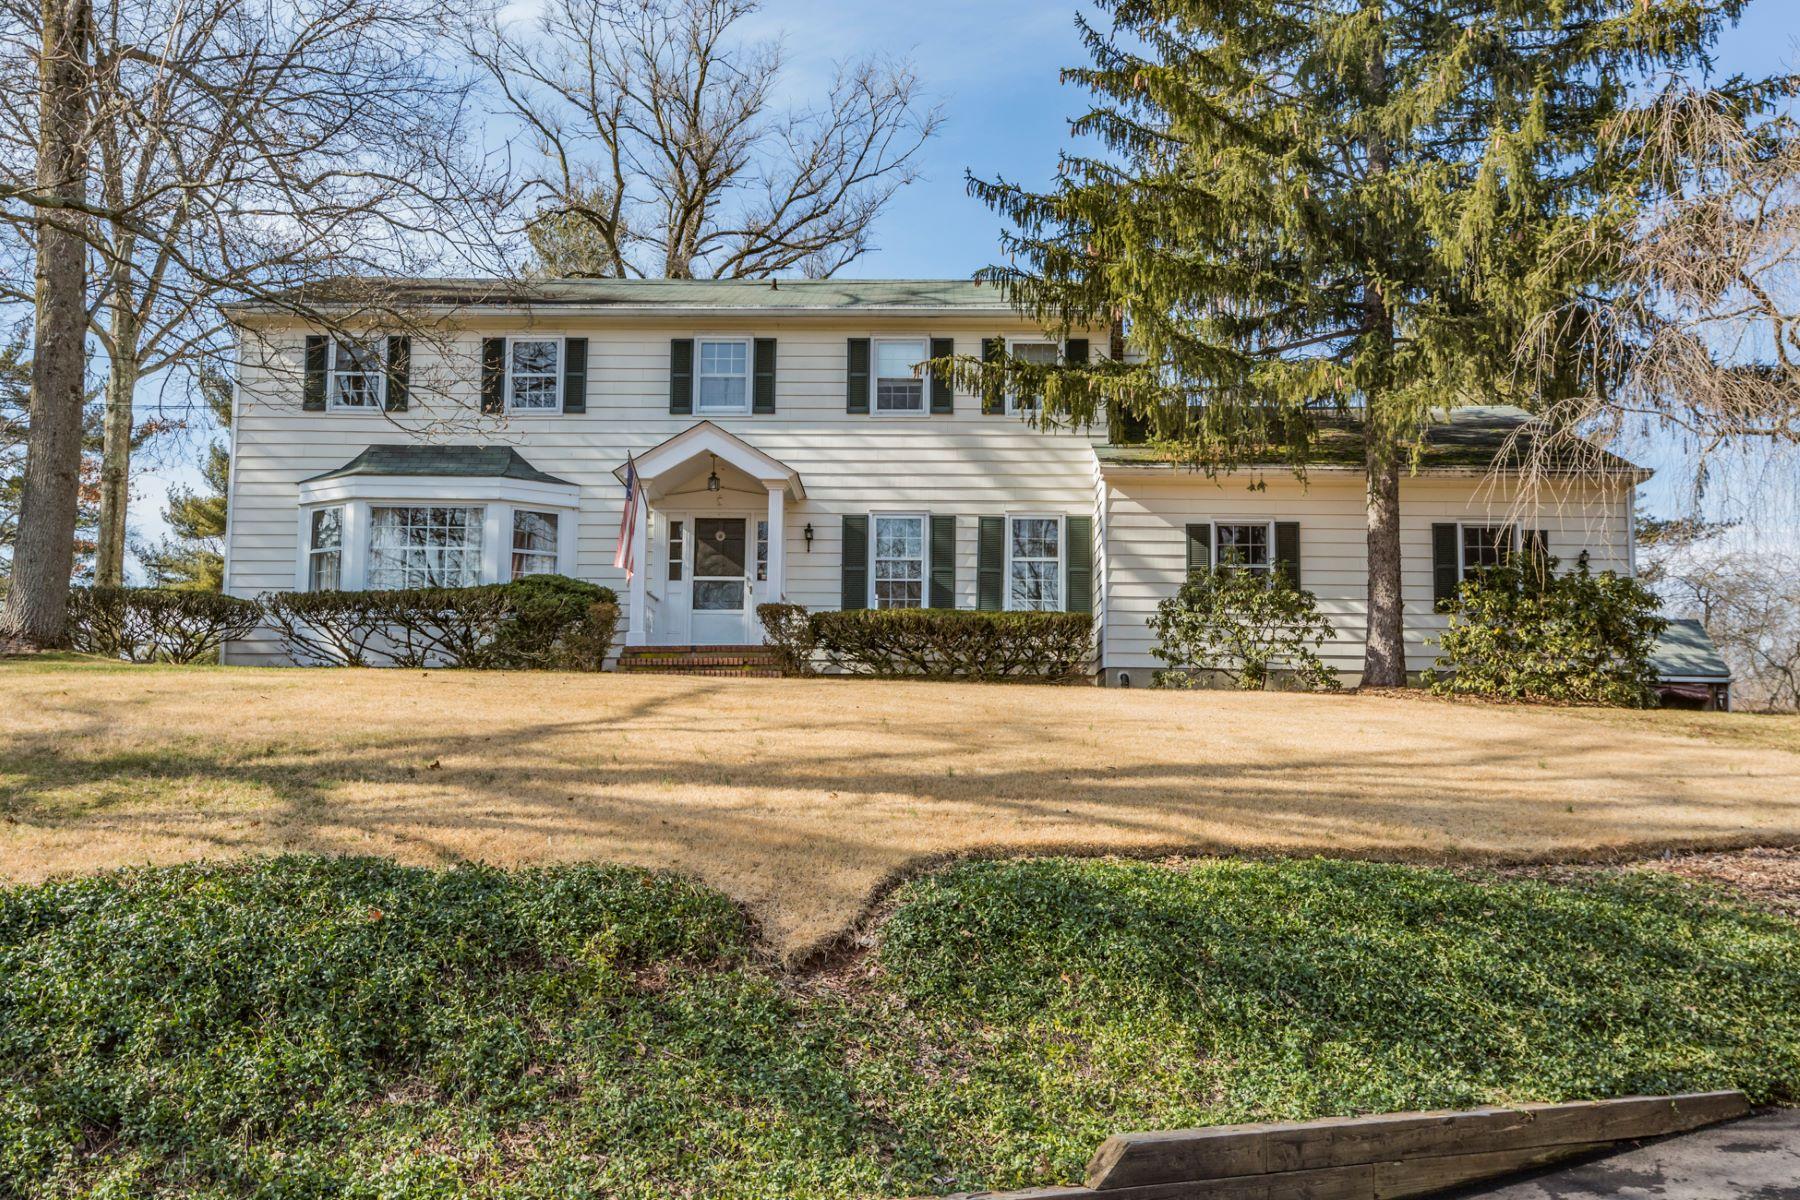 Частный односемейный дом для того Аренда на Beautiful River Road Home - Montgomery Township 566 River Road Skillman, 08502 Соединенные Штаты